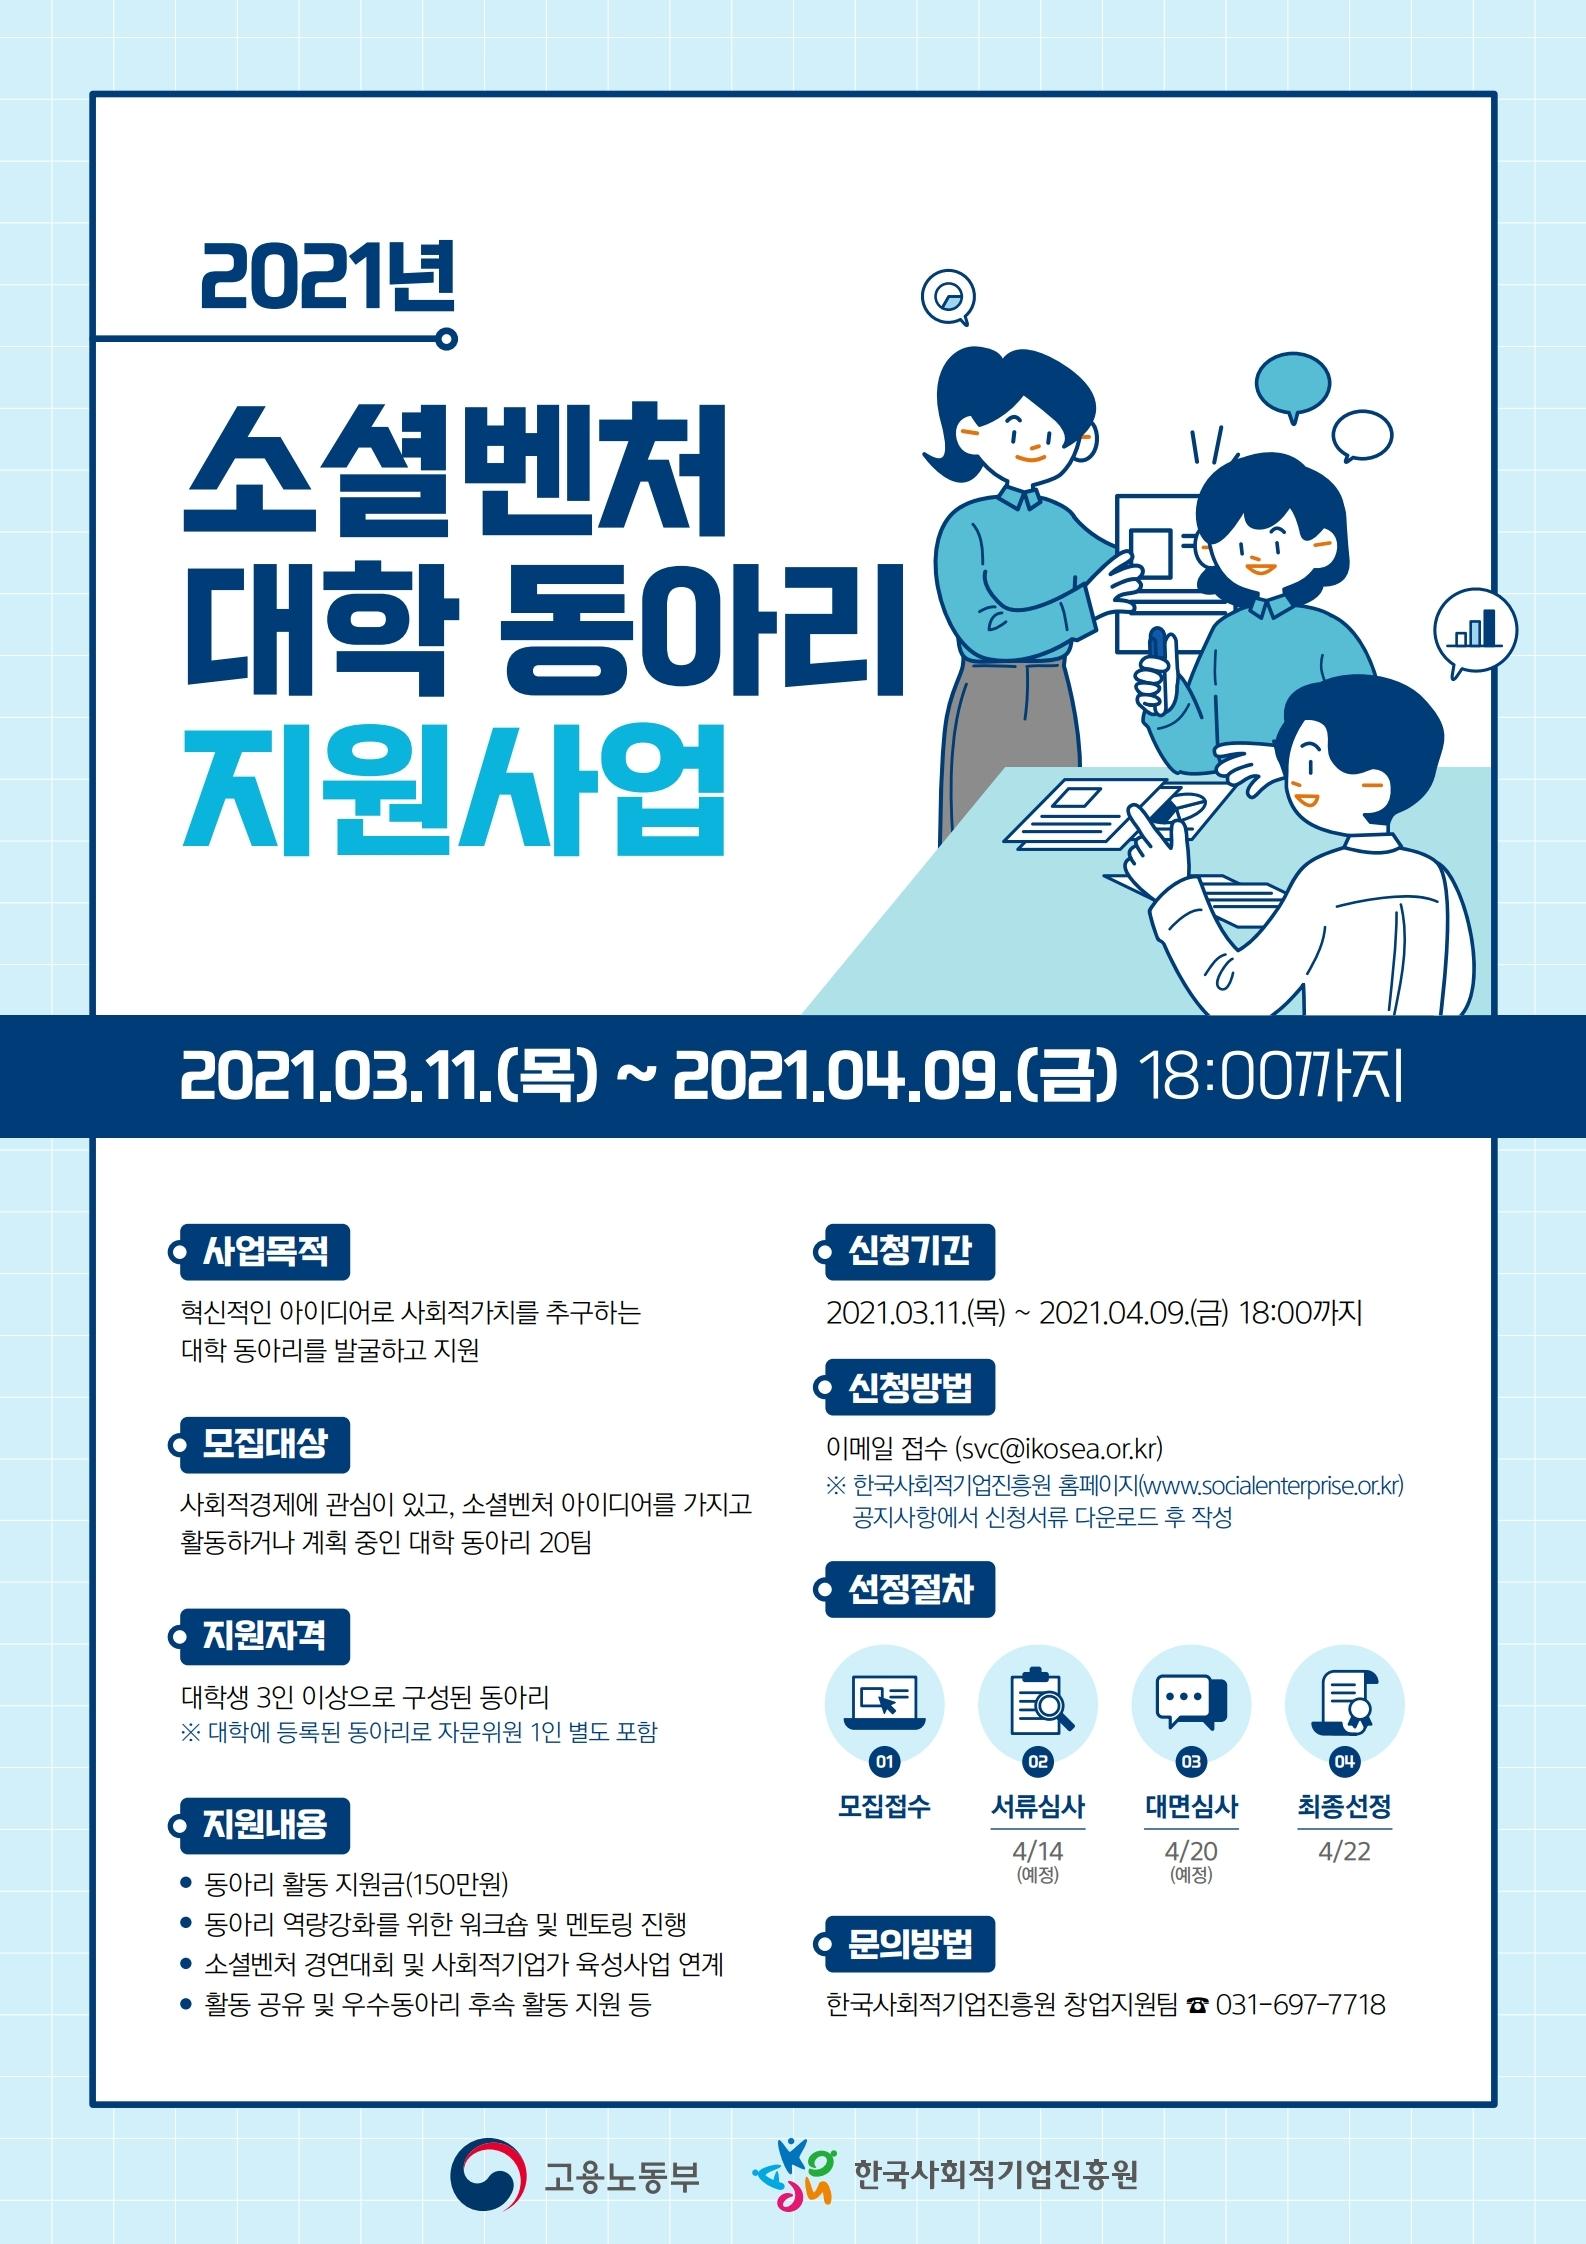 2021년 소셜벤처 대학 동아리 지원사업_웹포스터